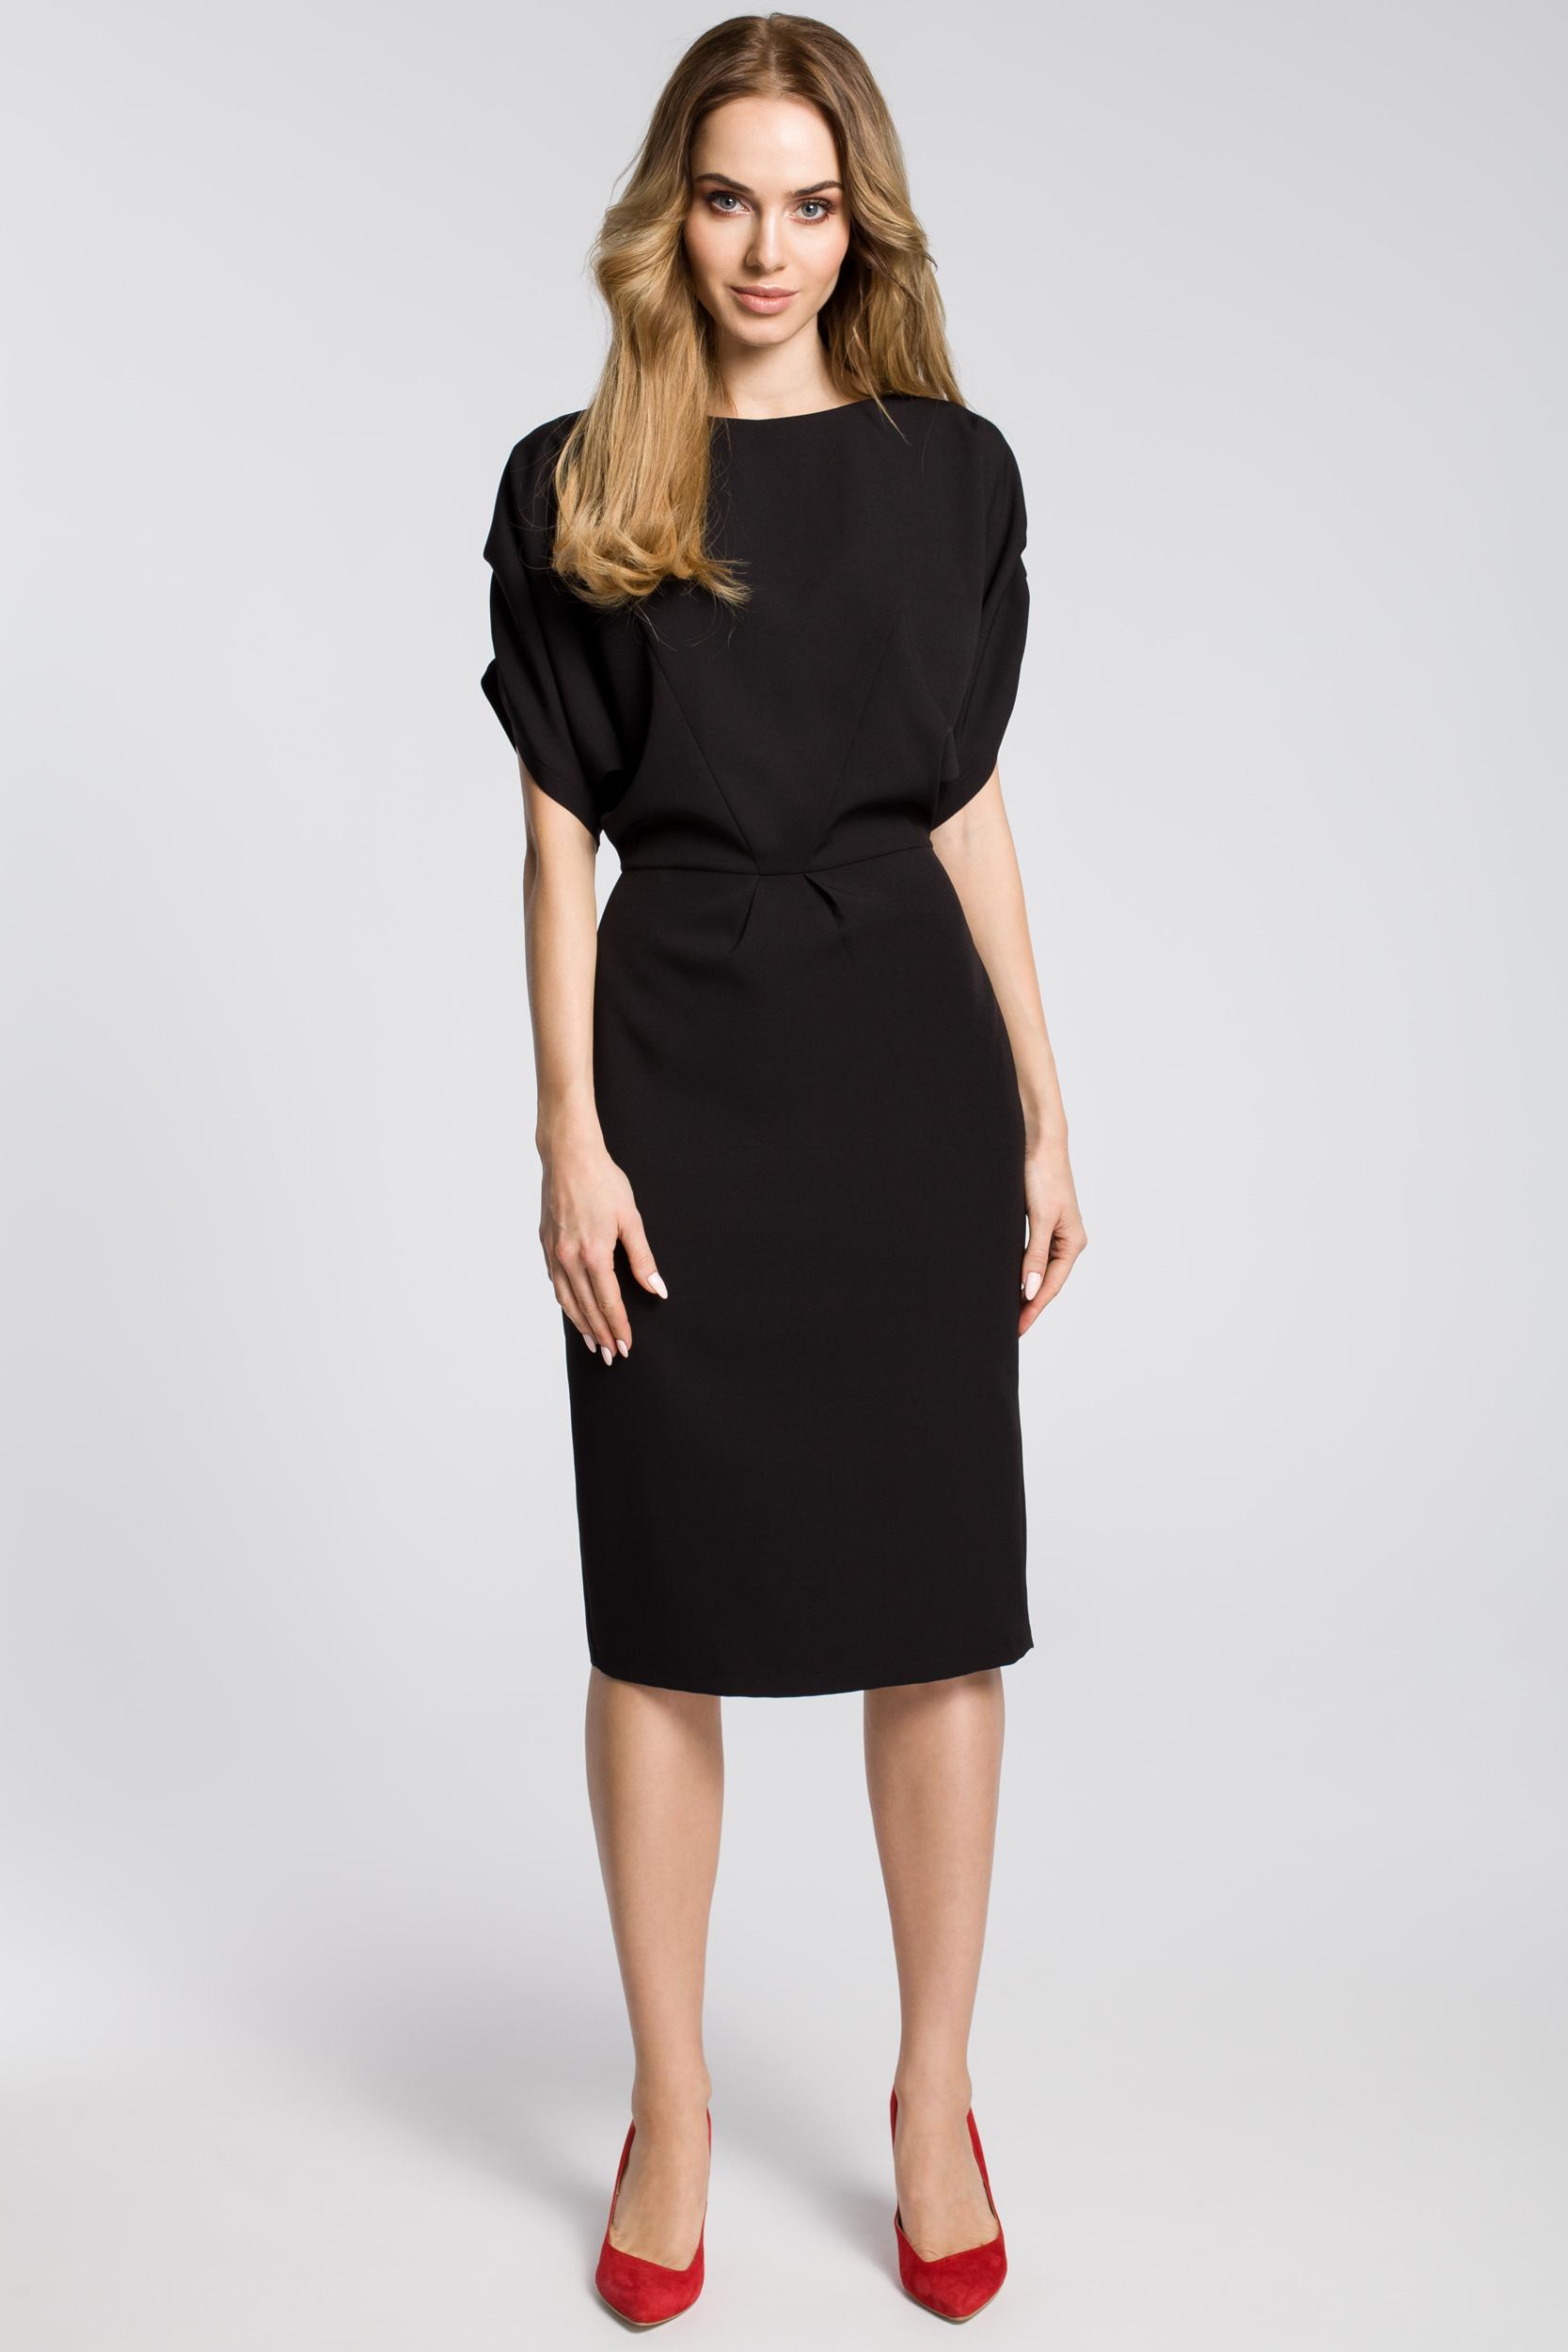 870df5176c CM3592 Ołówkowa sukienka midi z rękawami kimono - czarna ...